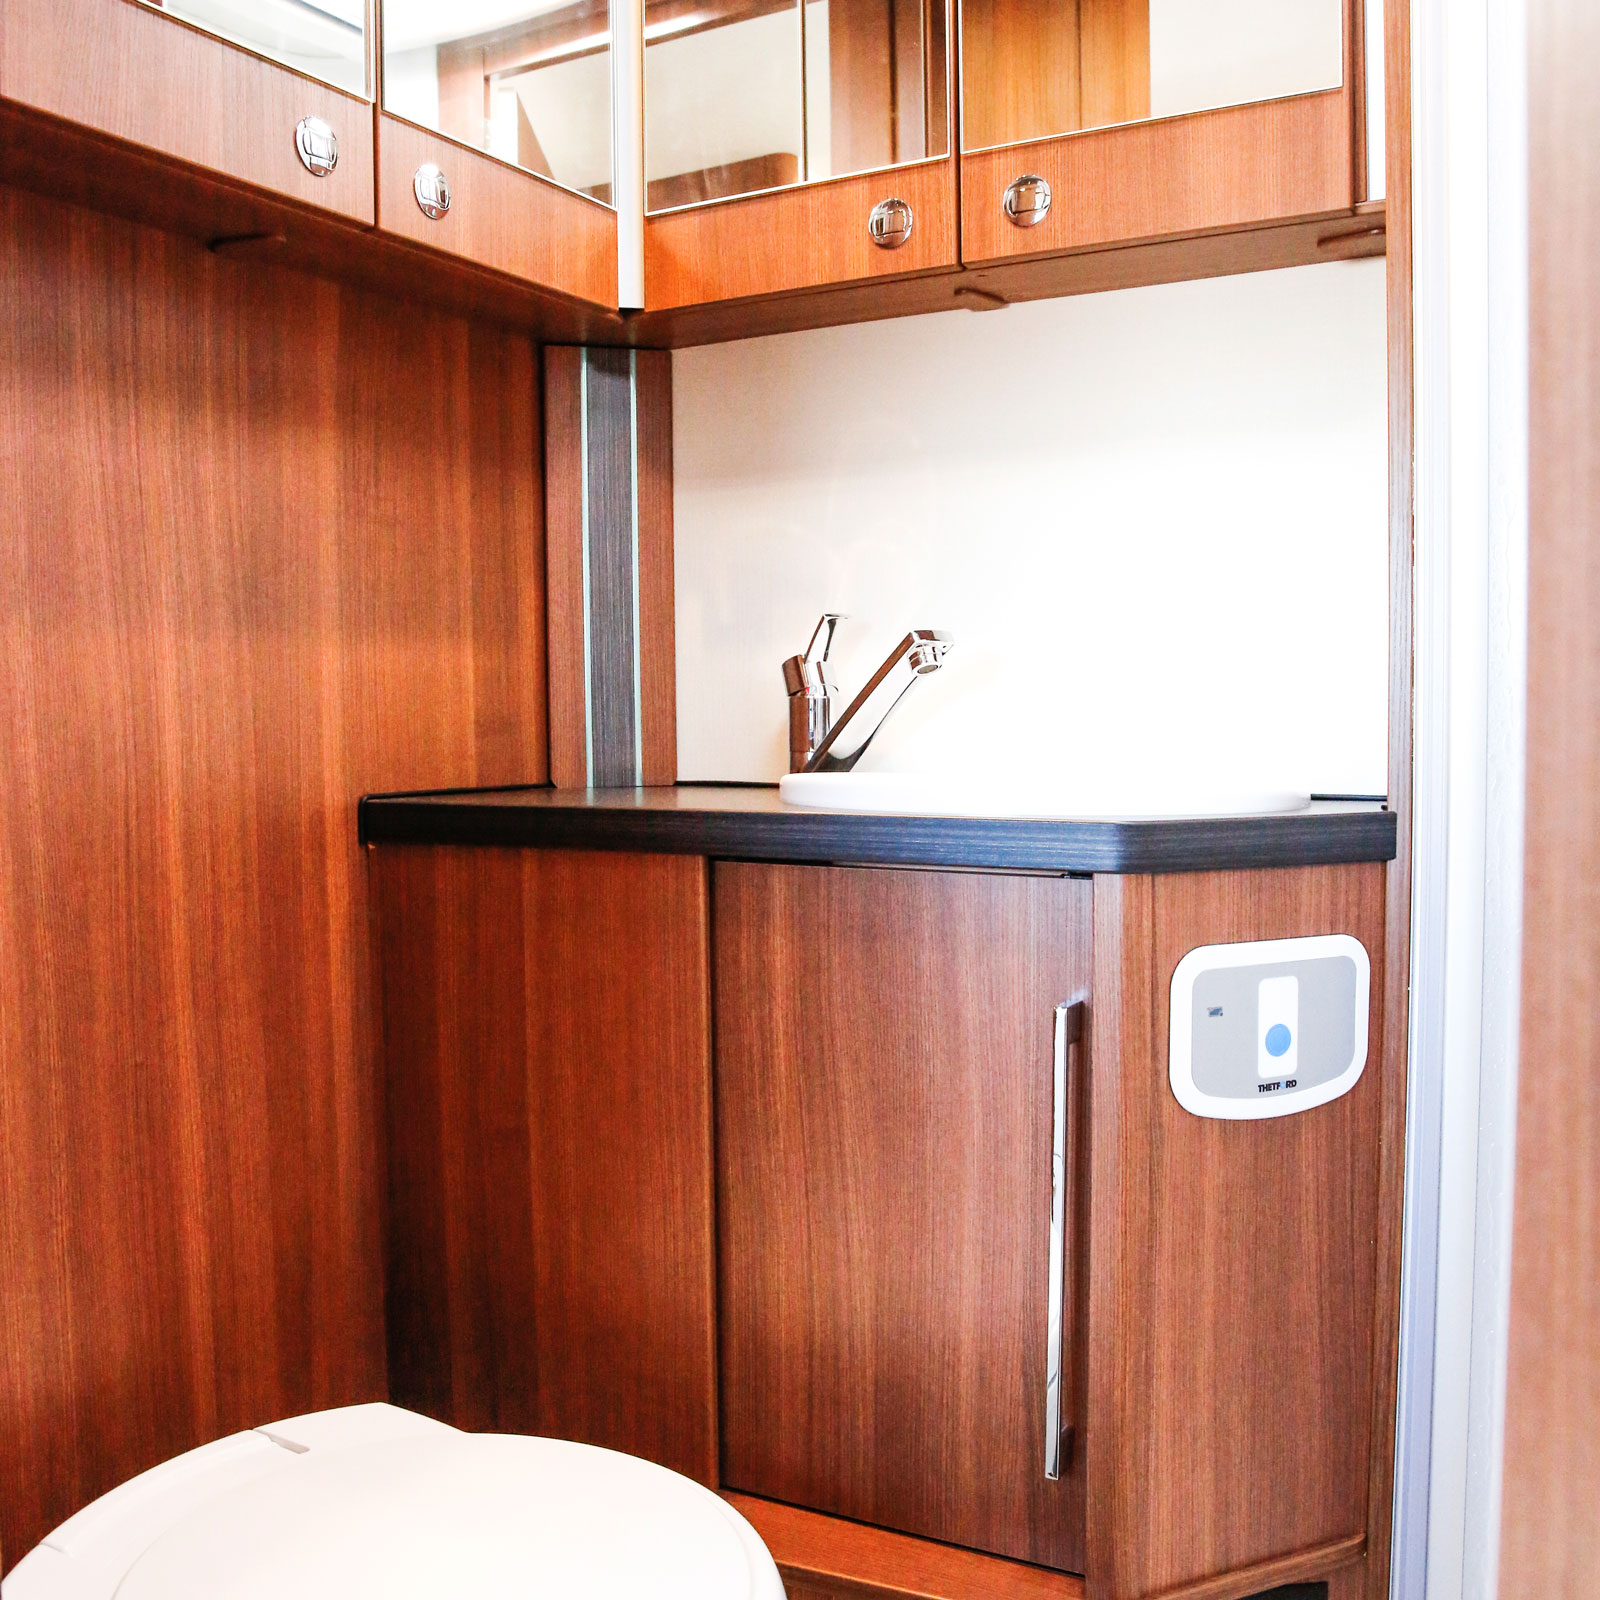 Det rymliga badrummet har flera praktiska förvaringsutrymmen.